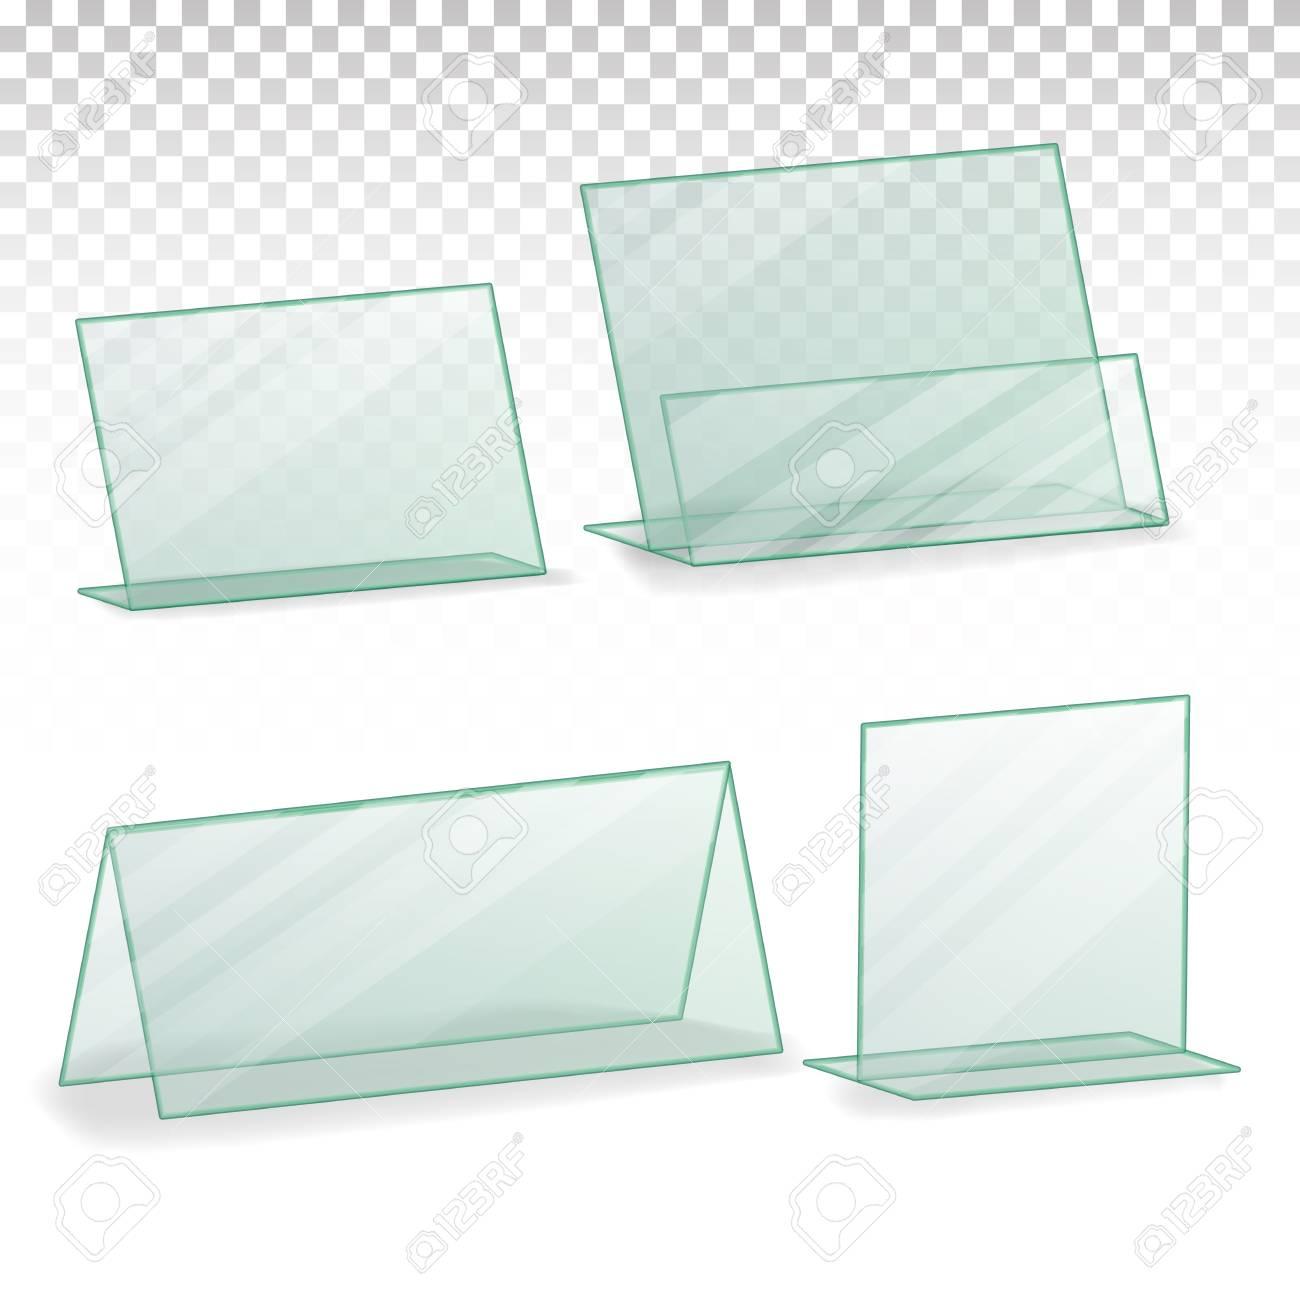 Plastic Holder Vector. Empty Plastic Table Holder For Business ...